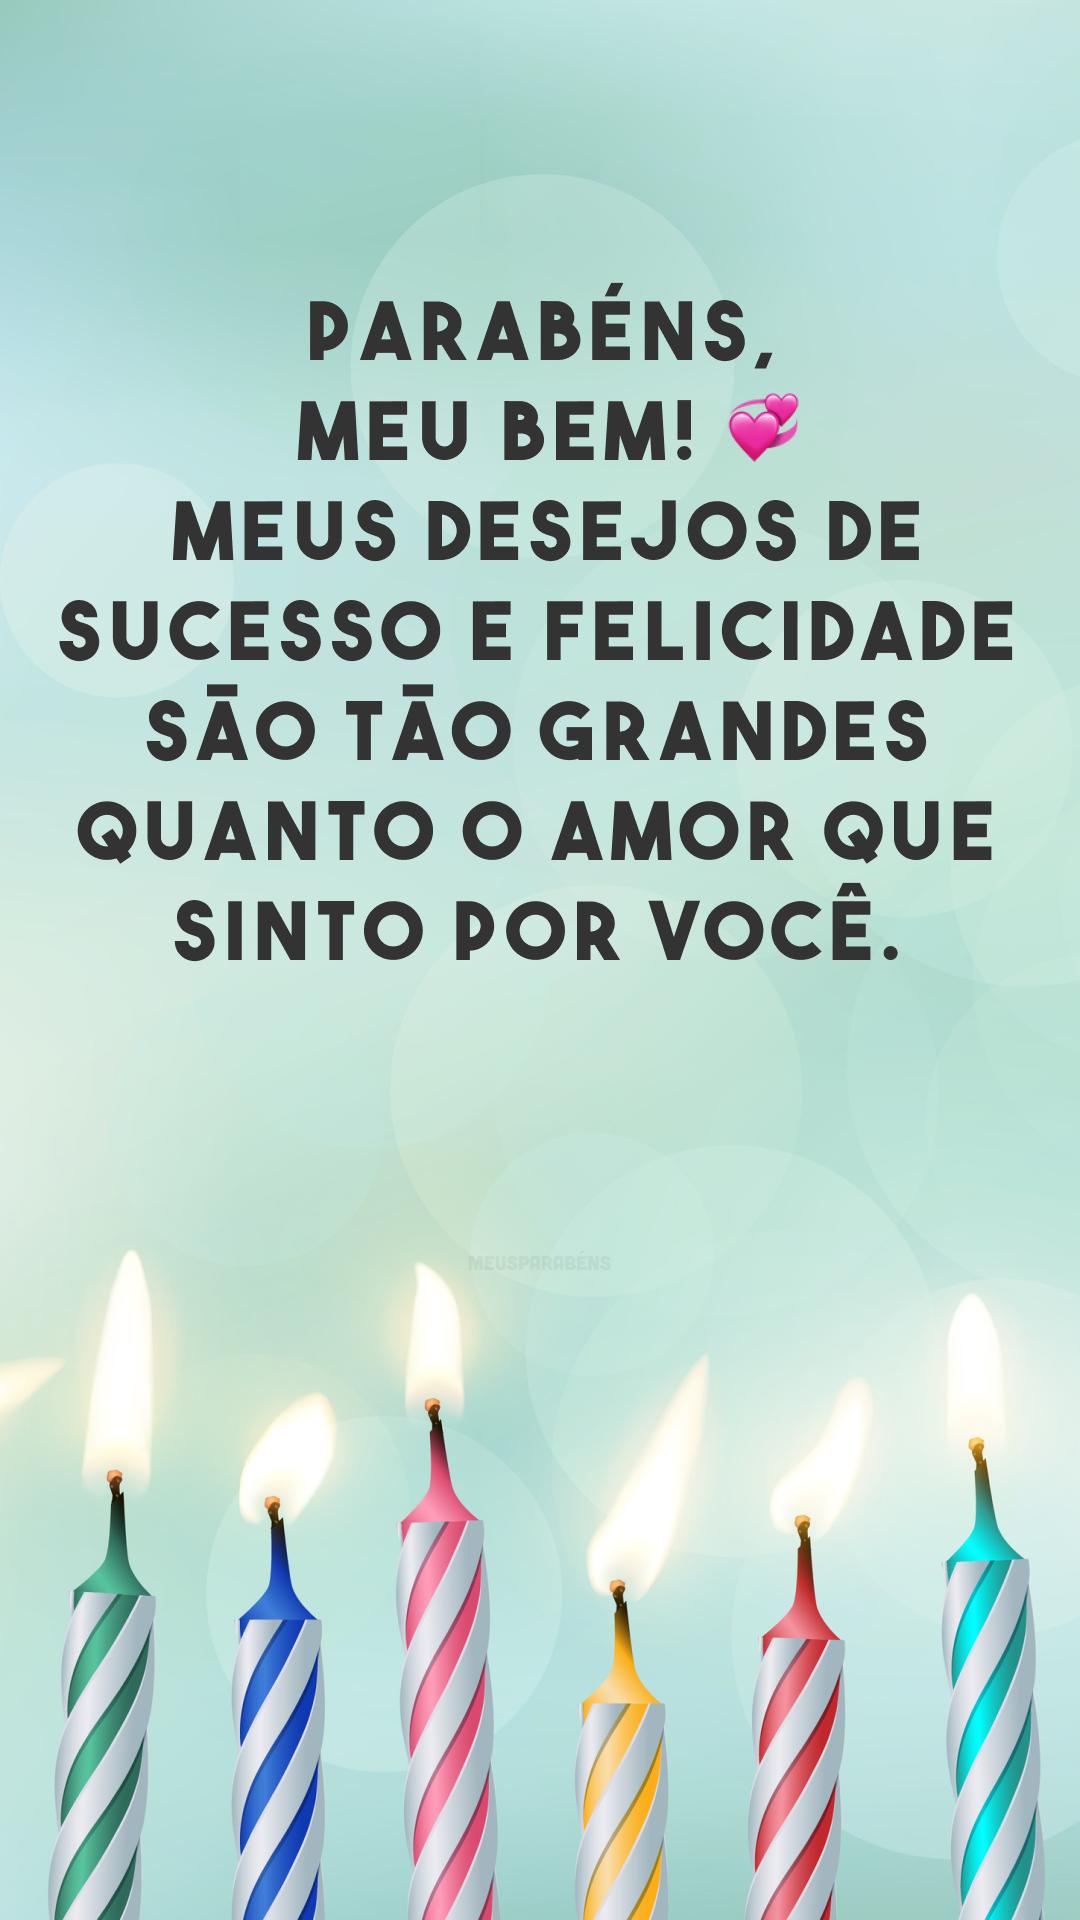 Parabéns, meu bem! ? Meus desejos de sucesso e felicidade são tão grandes quanto o amor que sinto por você.